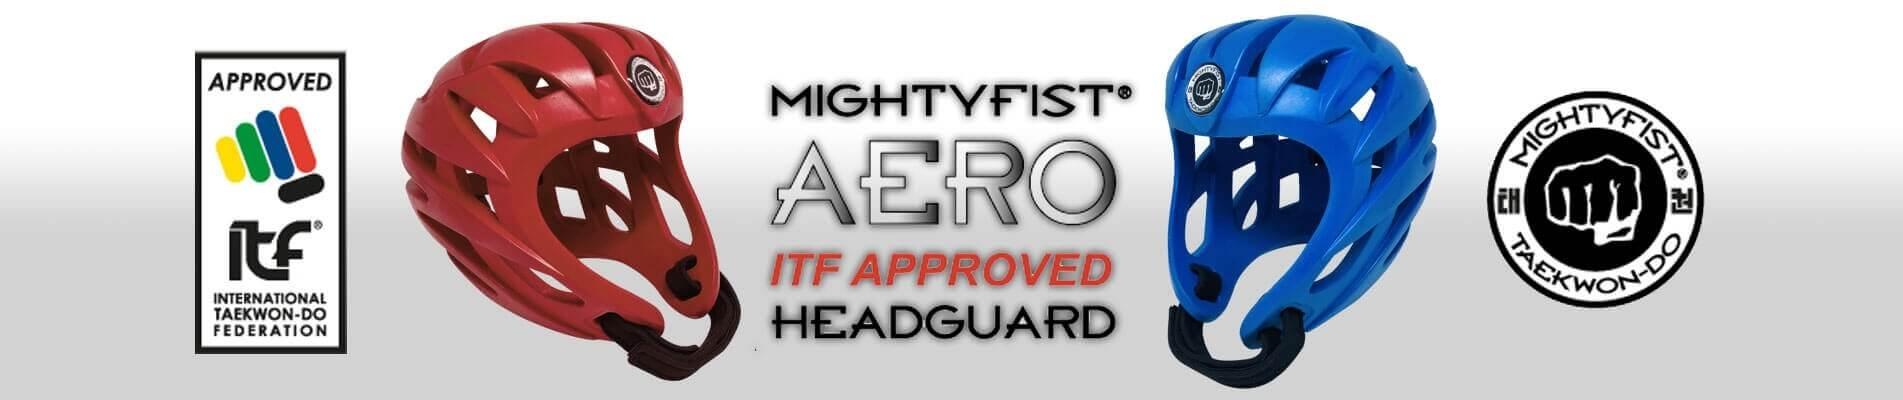 mightyfist aero